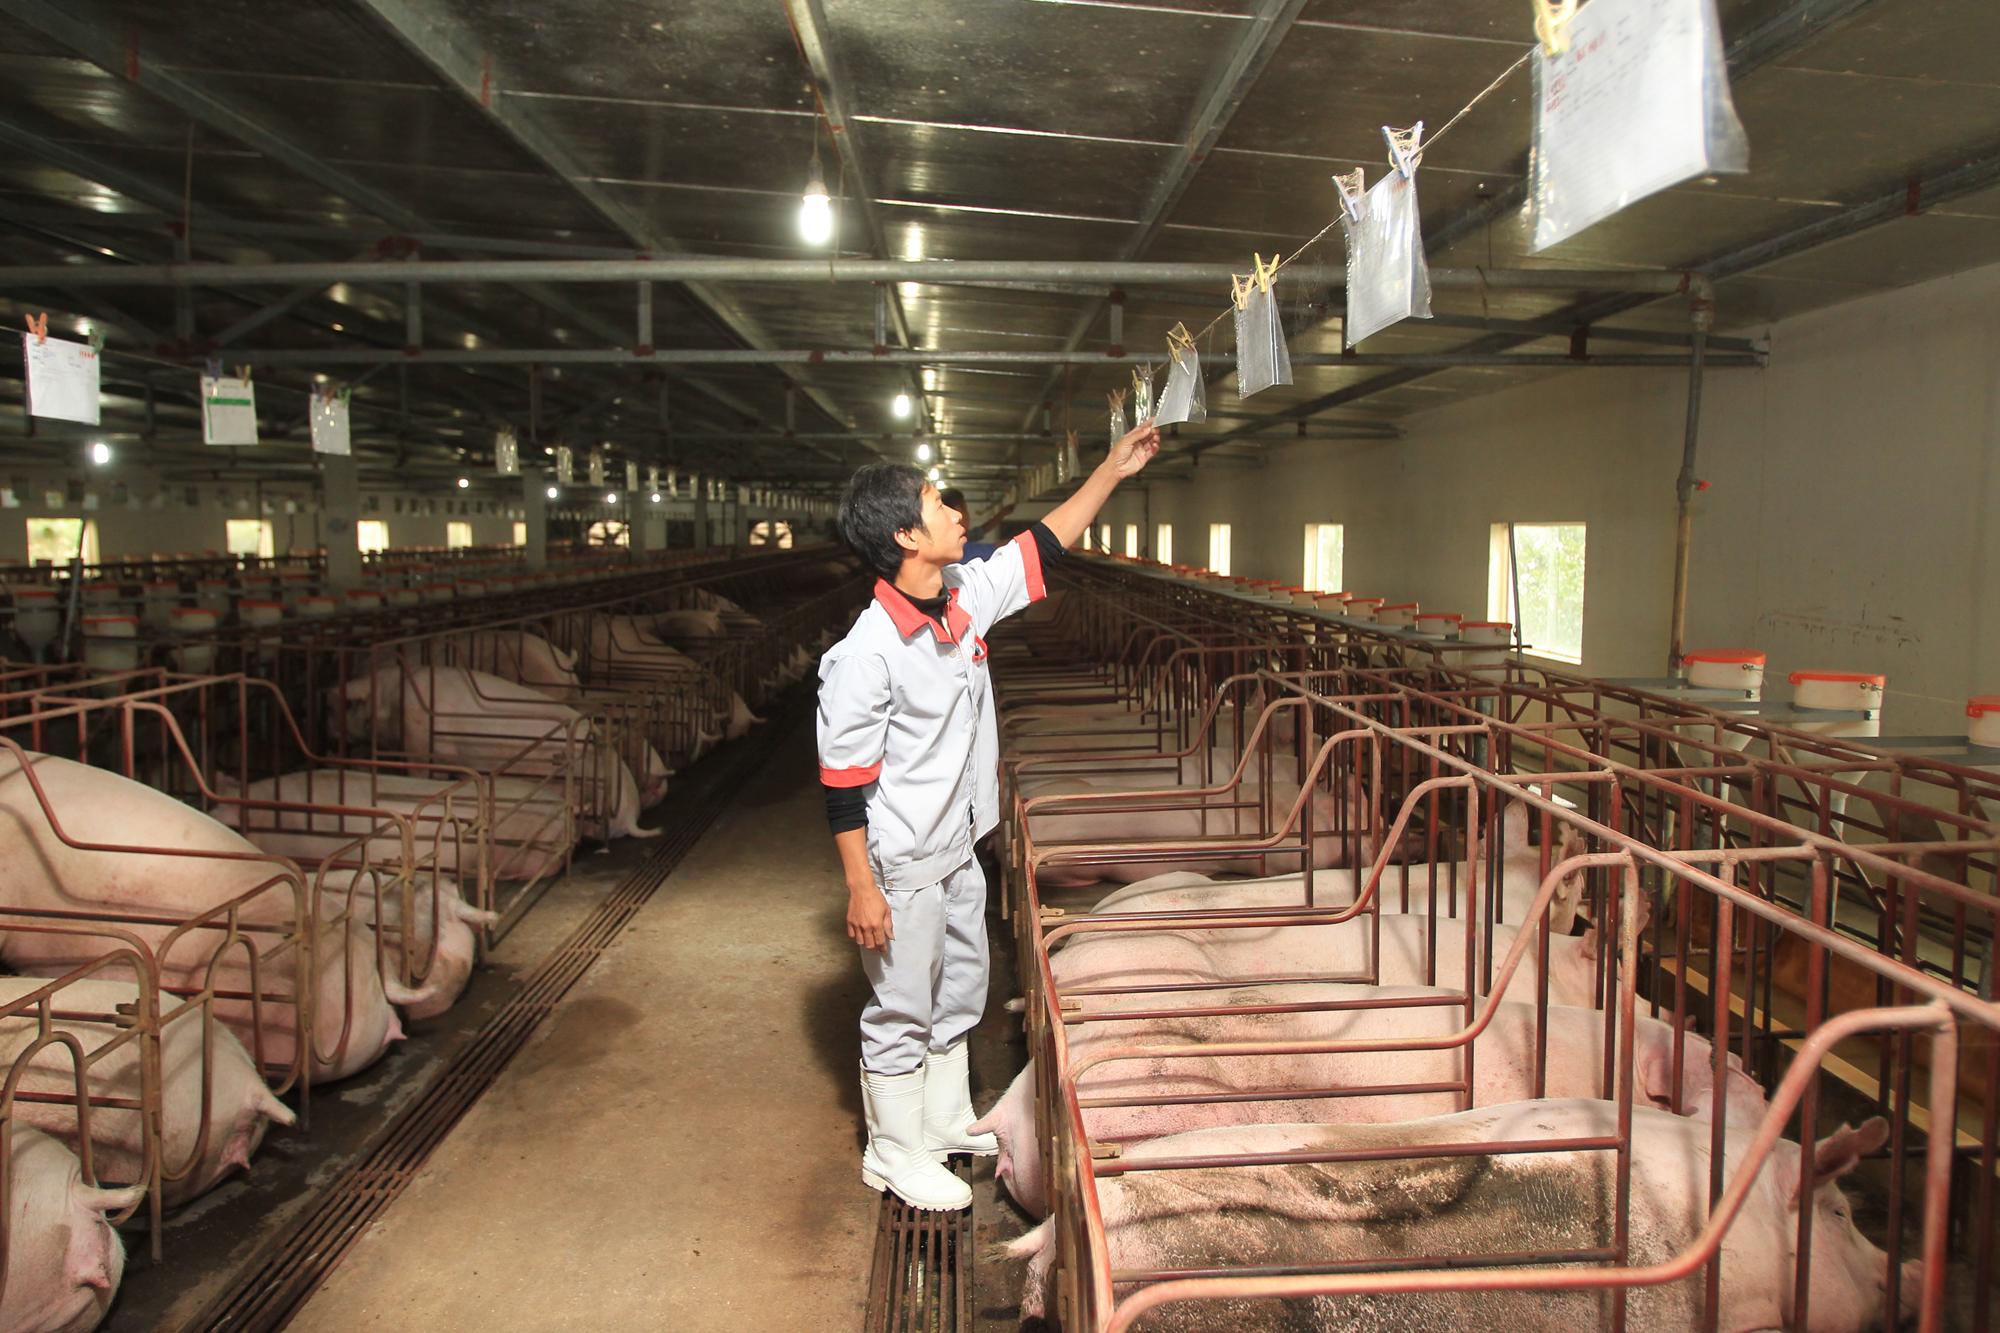 Nhập khẩu thịt lợn tăng 404%, giá lợn hơi chạm đáy, Hội Chăn nuôi Việt Nam kiến nghị khẩn Thủ tướng - Ảnh 1.